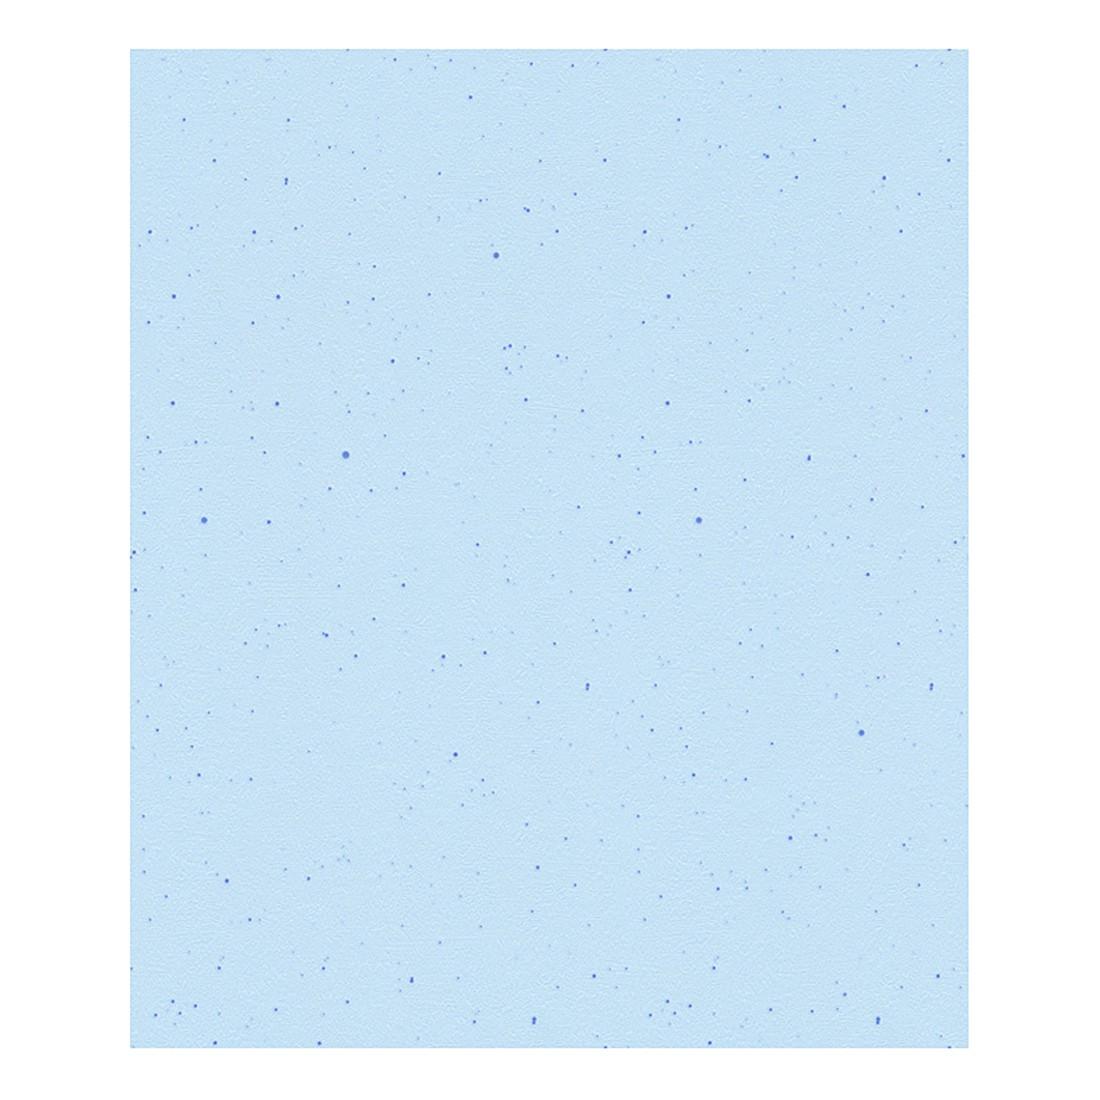 Papiertapete Biene Maya – pastellblau – fein strukturiert – Modell 1, Home24Deko günstig online kaufen